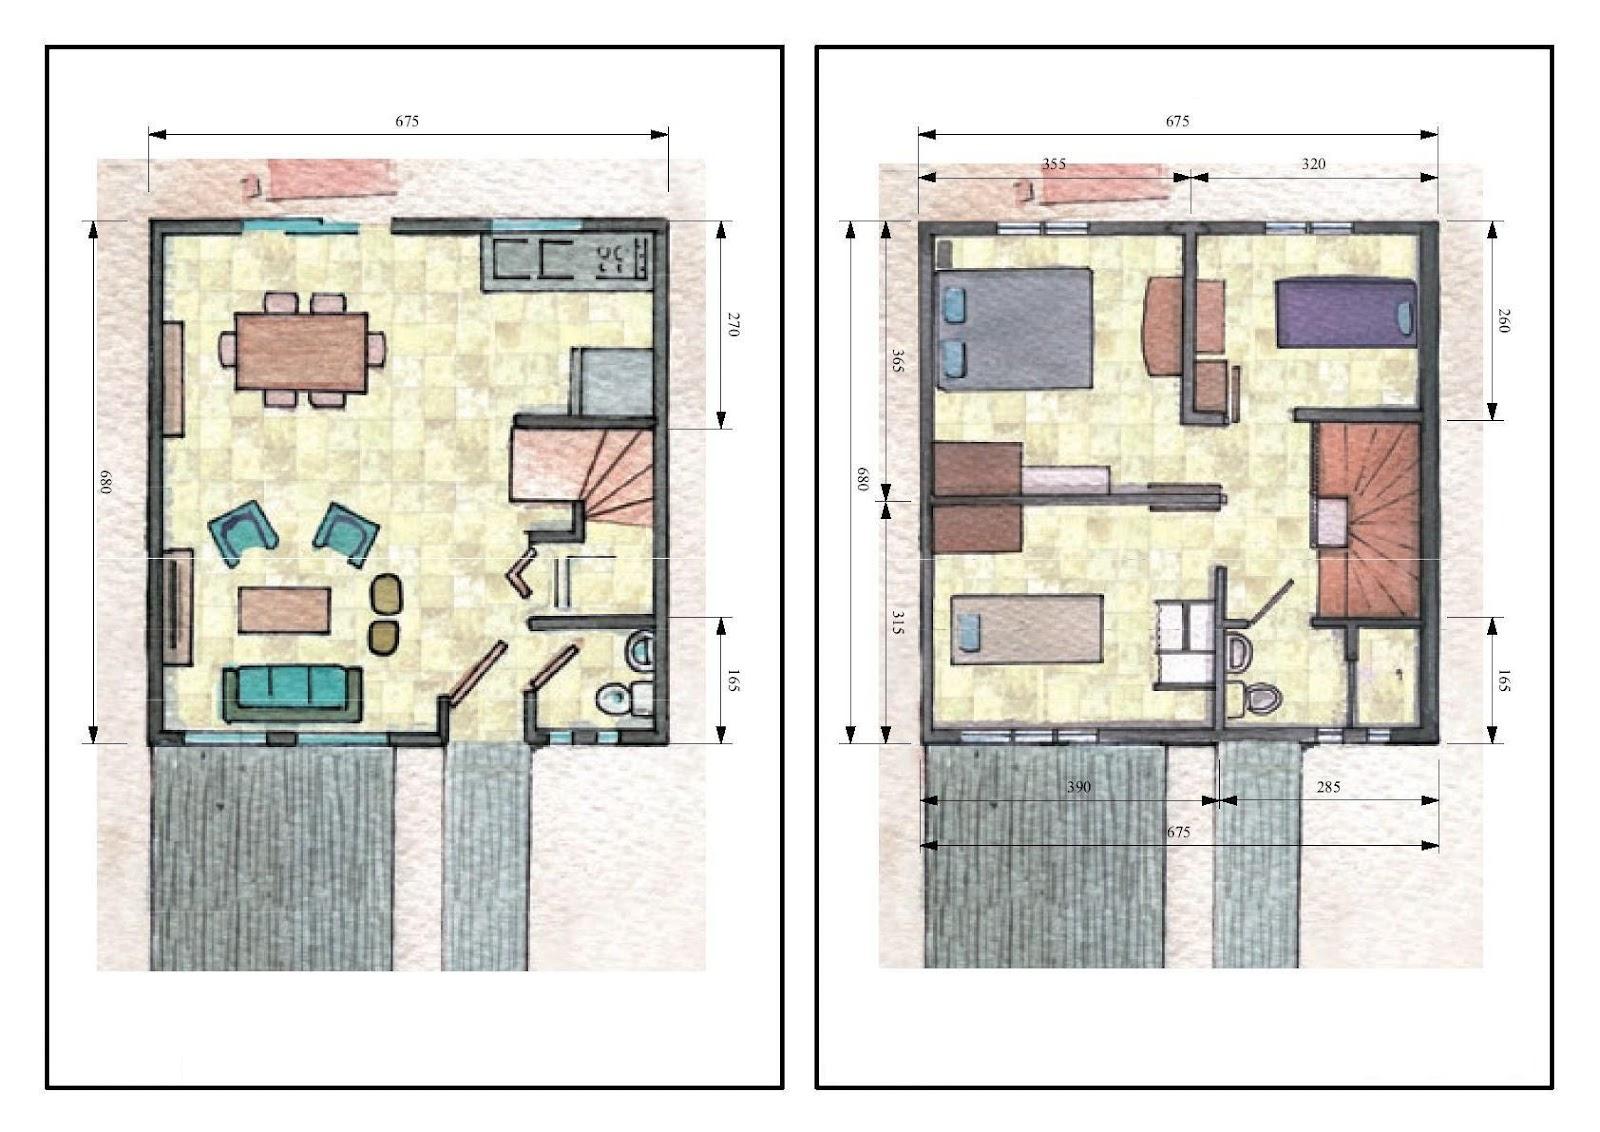 Planos de casas modelos y dise os de casas planos for Disenos de casas de dos plantas